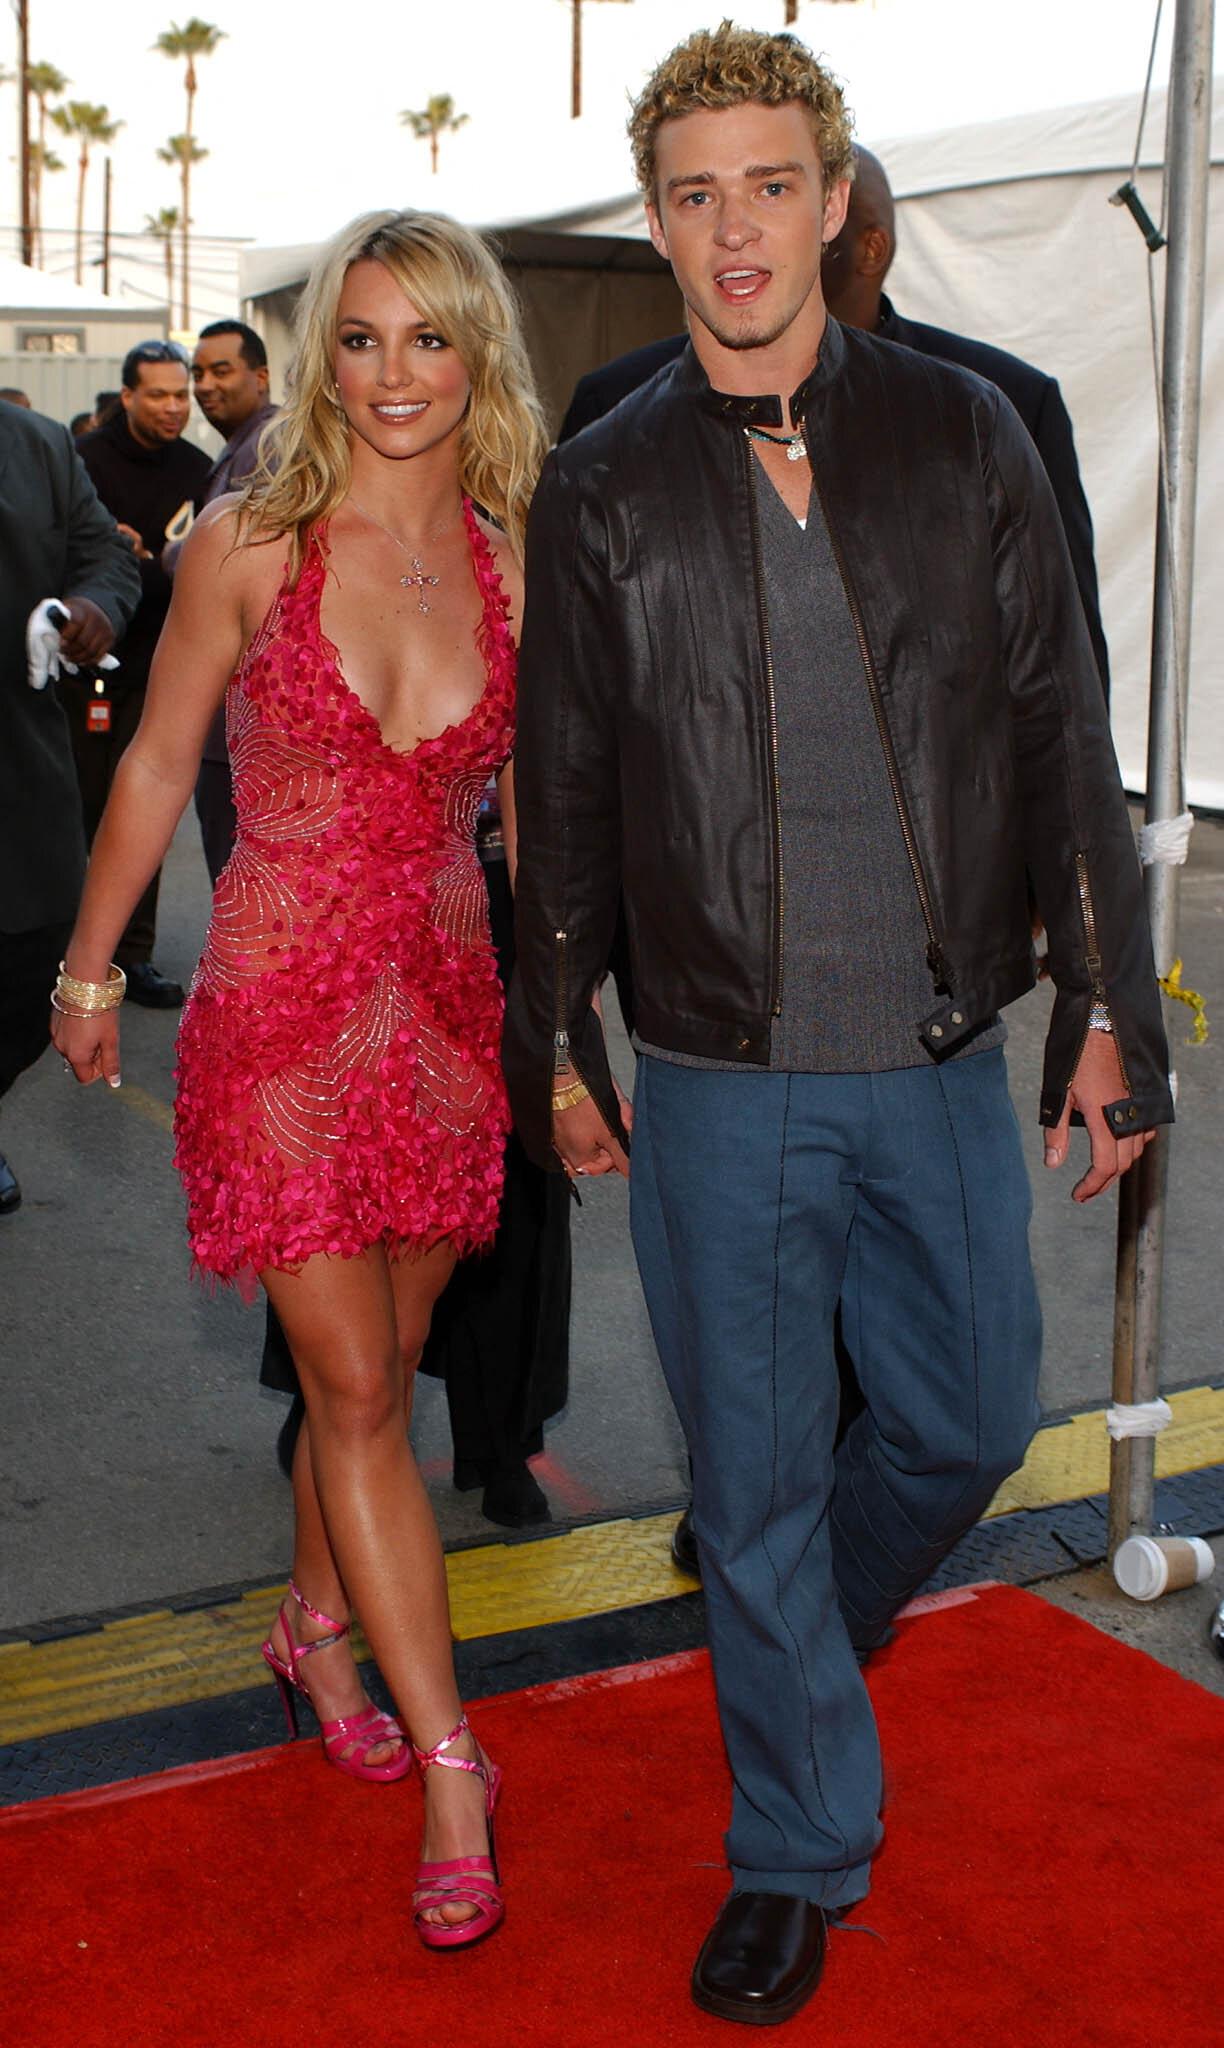 Britney Spears et Justin Timberlake, ici à Los Angeles aux États-Unis, le 8 janvier